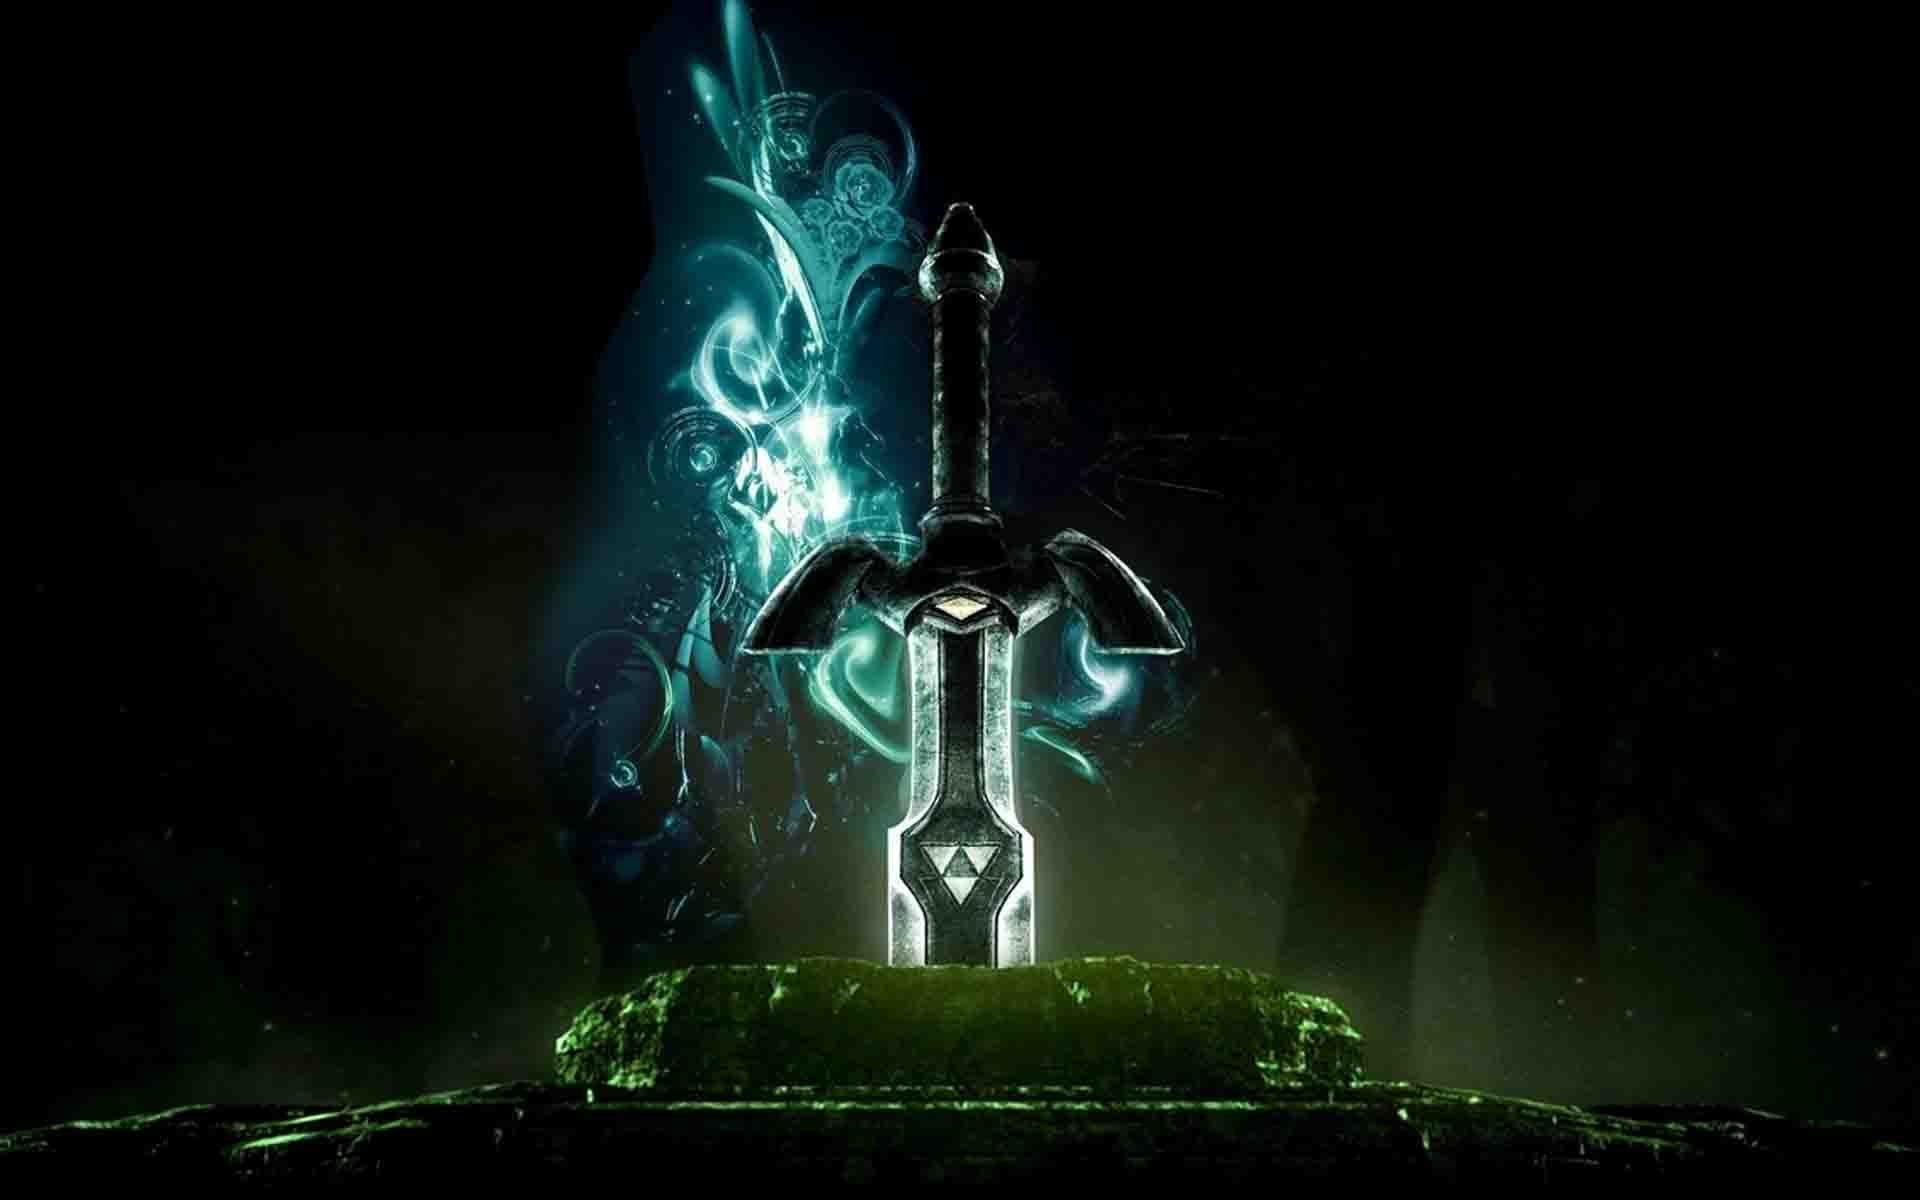 Animated Sword Hd Wallpaper Zelda Master Sword Master Sword Legend Of Zelda